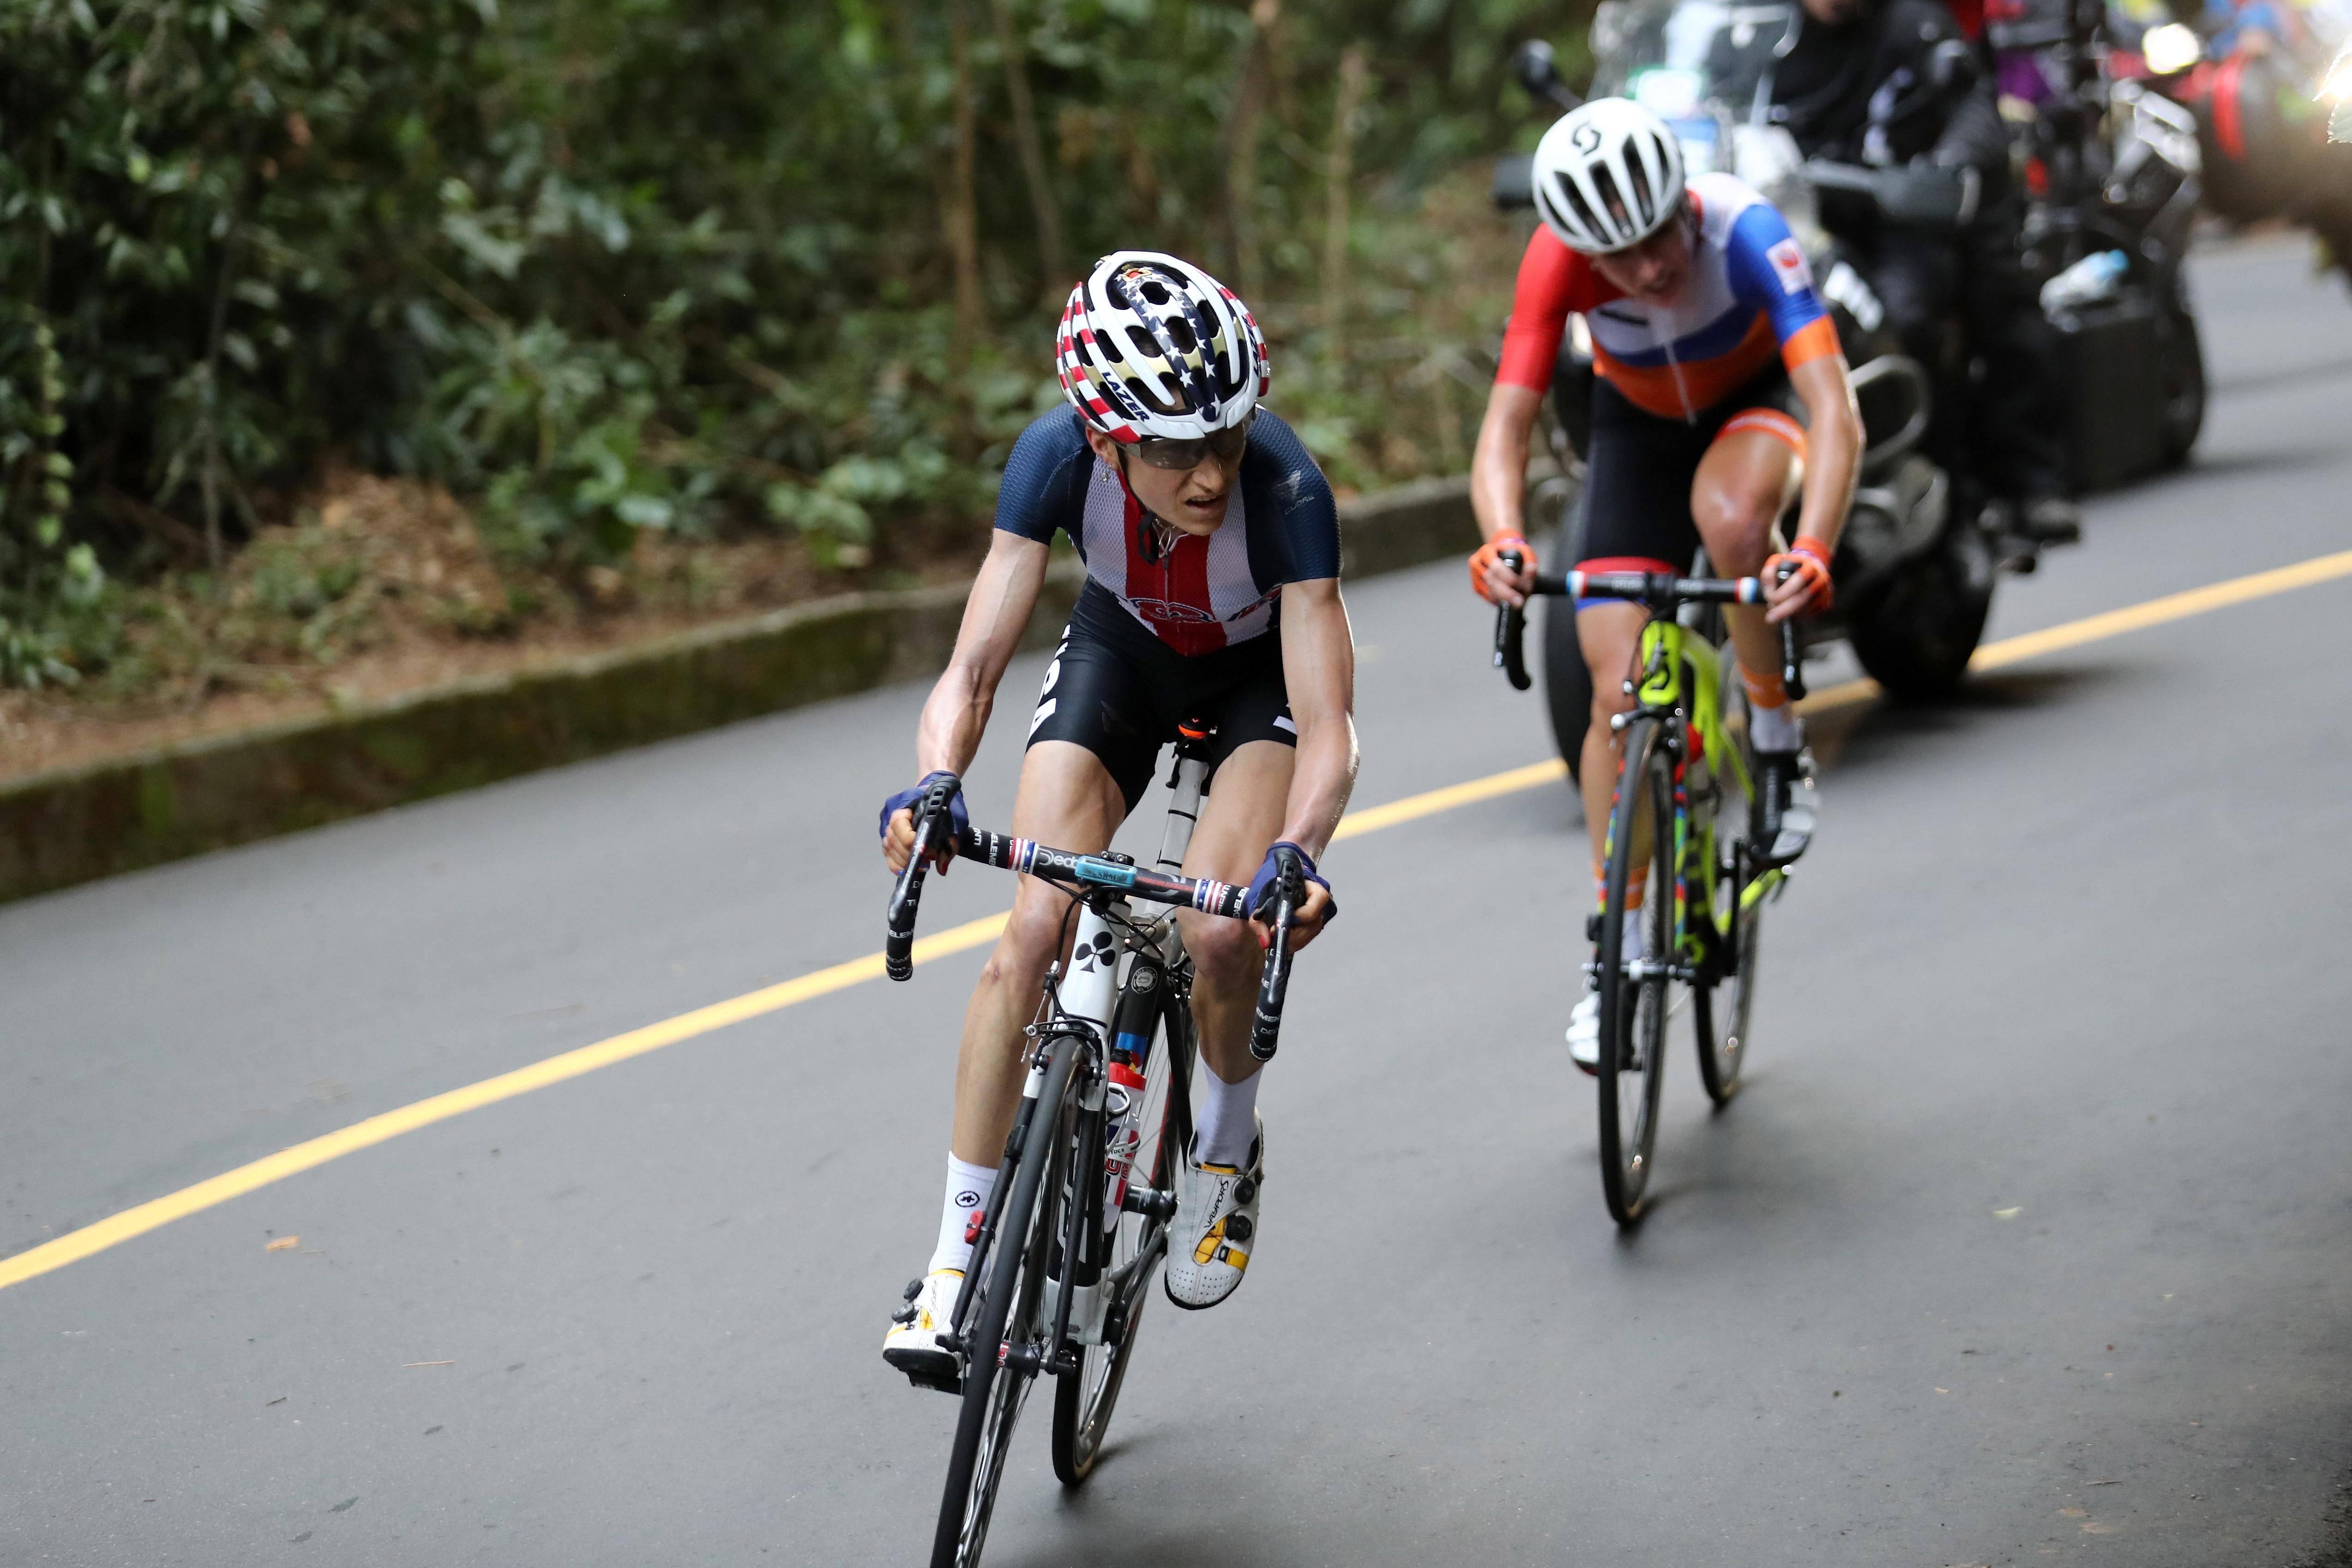 Photo: Mara Abbott at Olympics